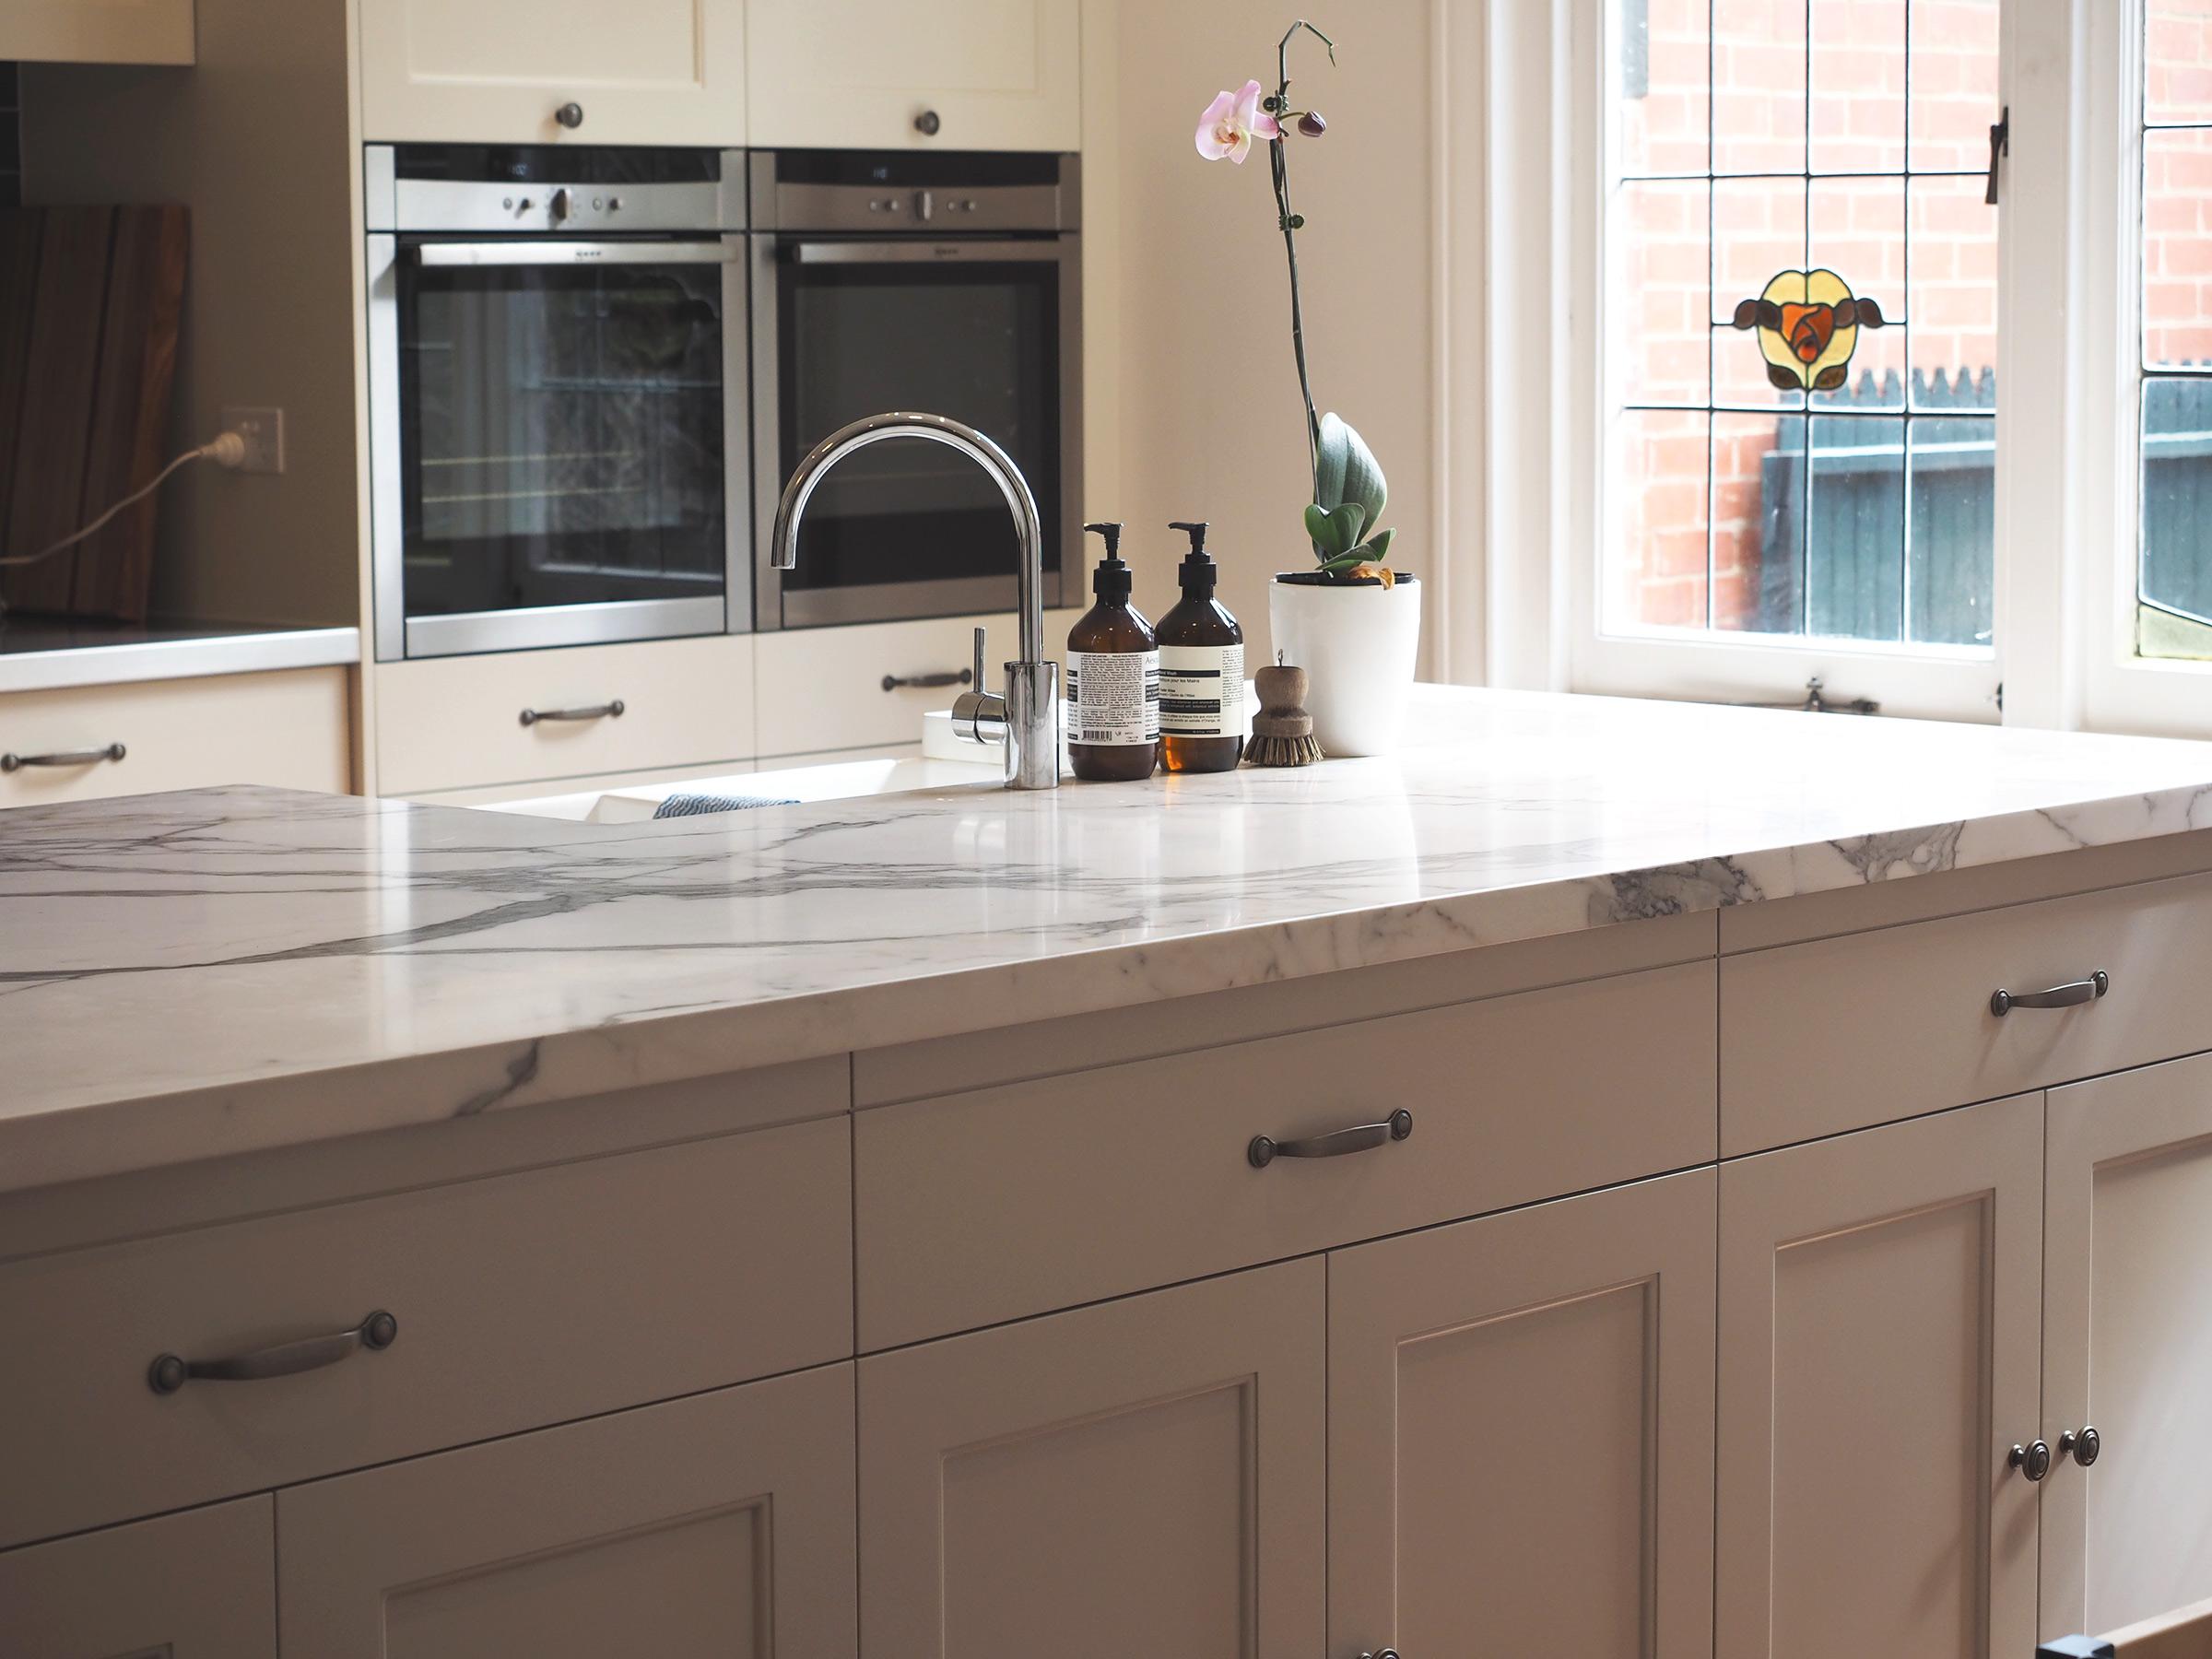 bluefruit-interior-design-melbourne-edwardian-garden-house-kitchen-detail.jpg